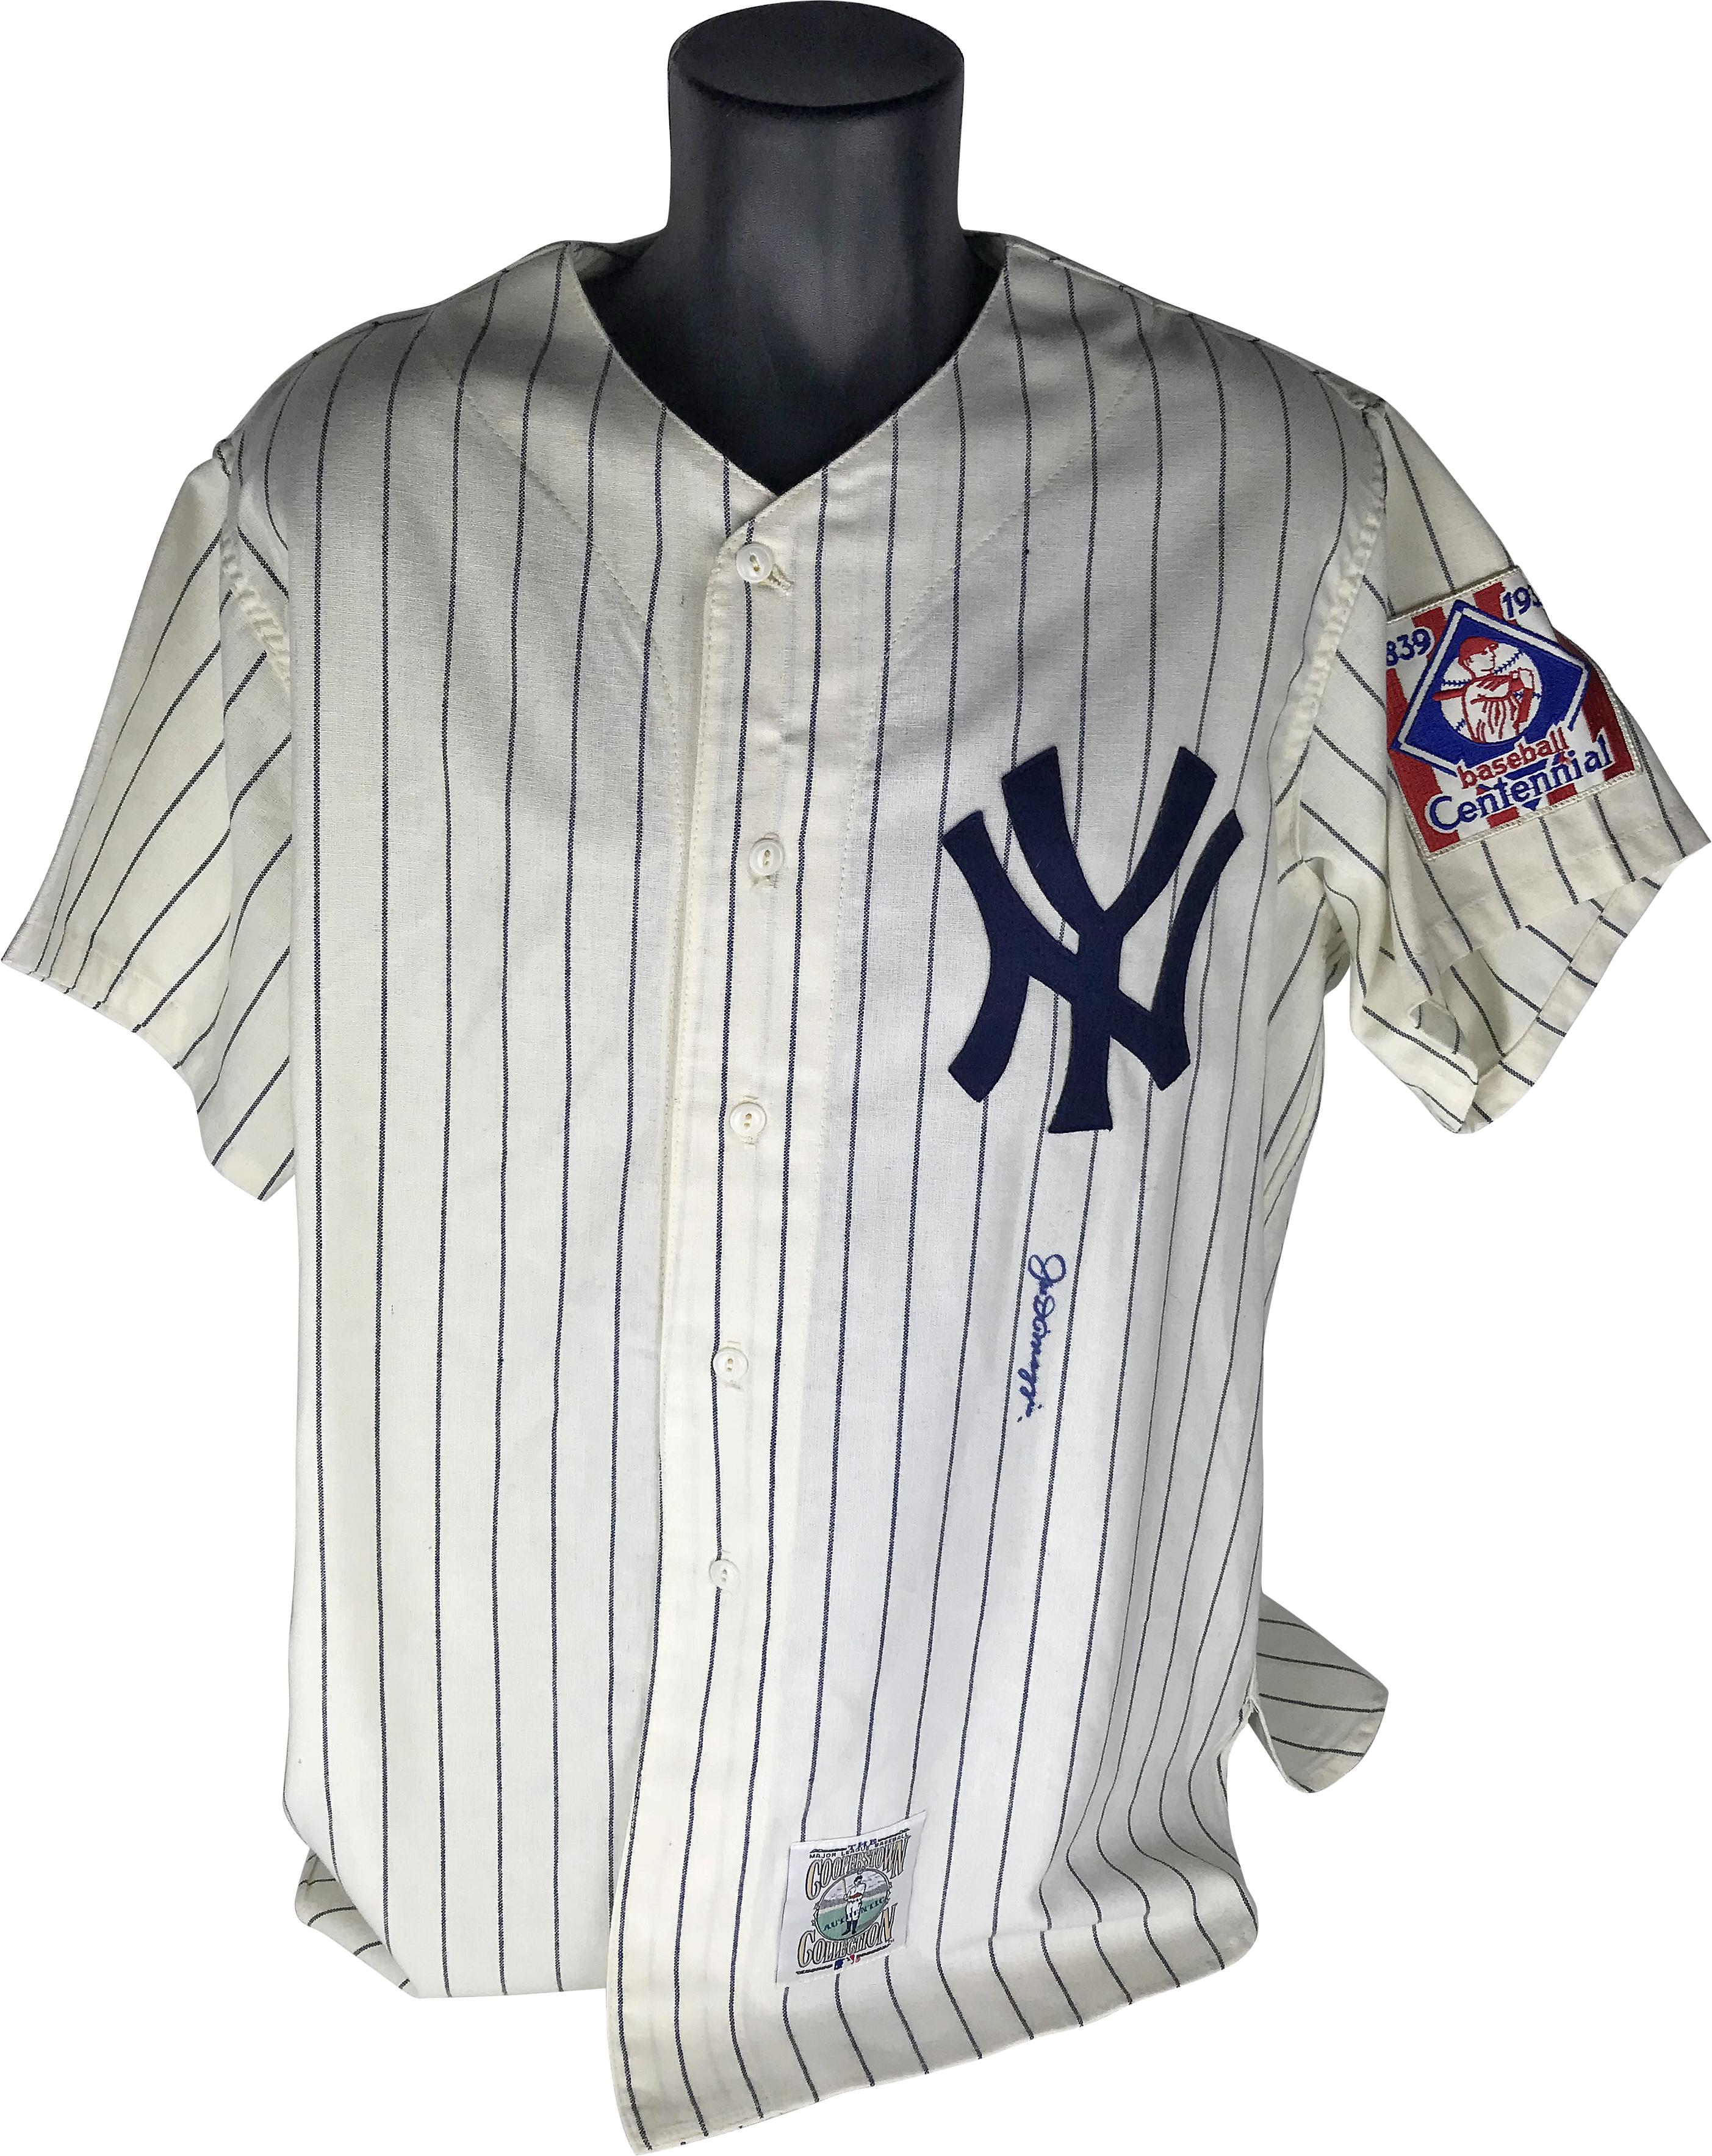 best service f472e fefb5 Lot Detail - Joe DiMaggio Signed 1939 Baseball Centennial NY ...